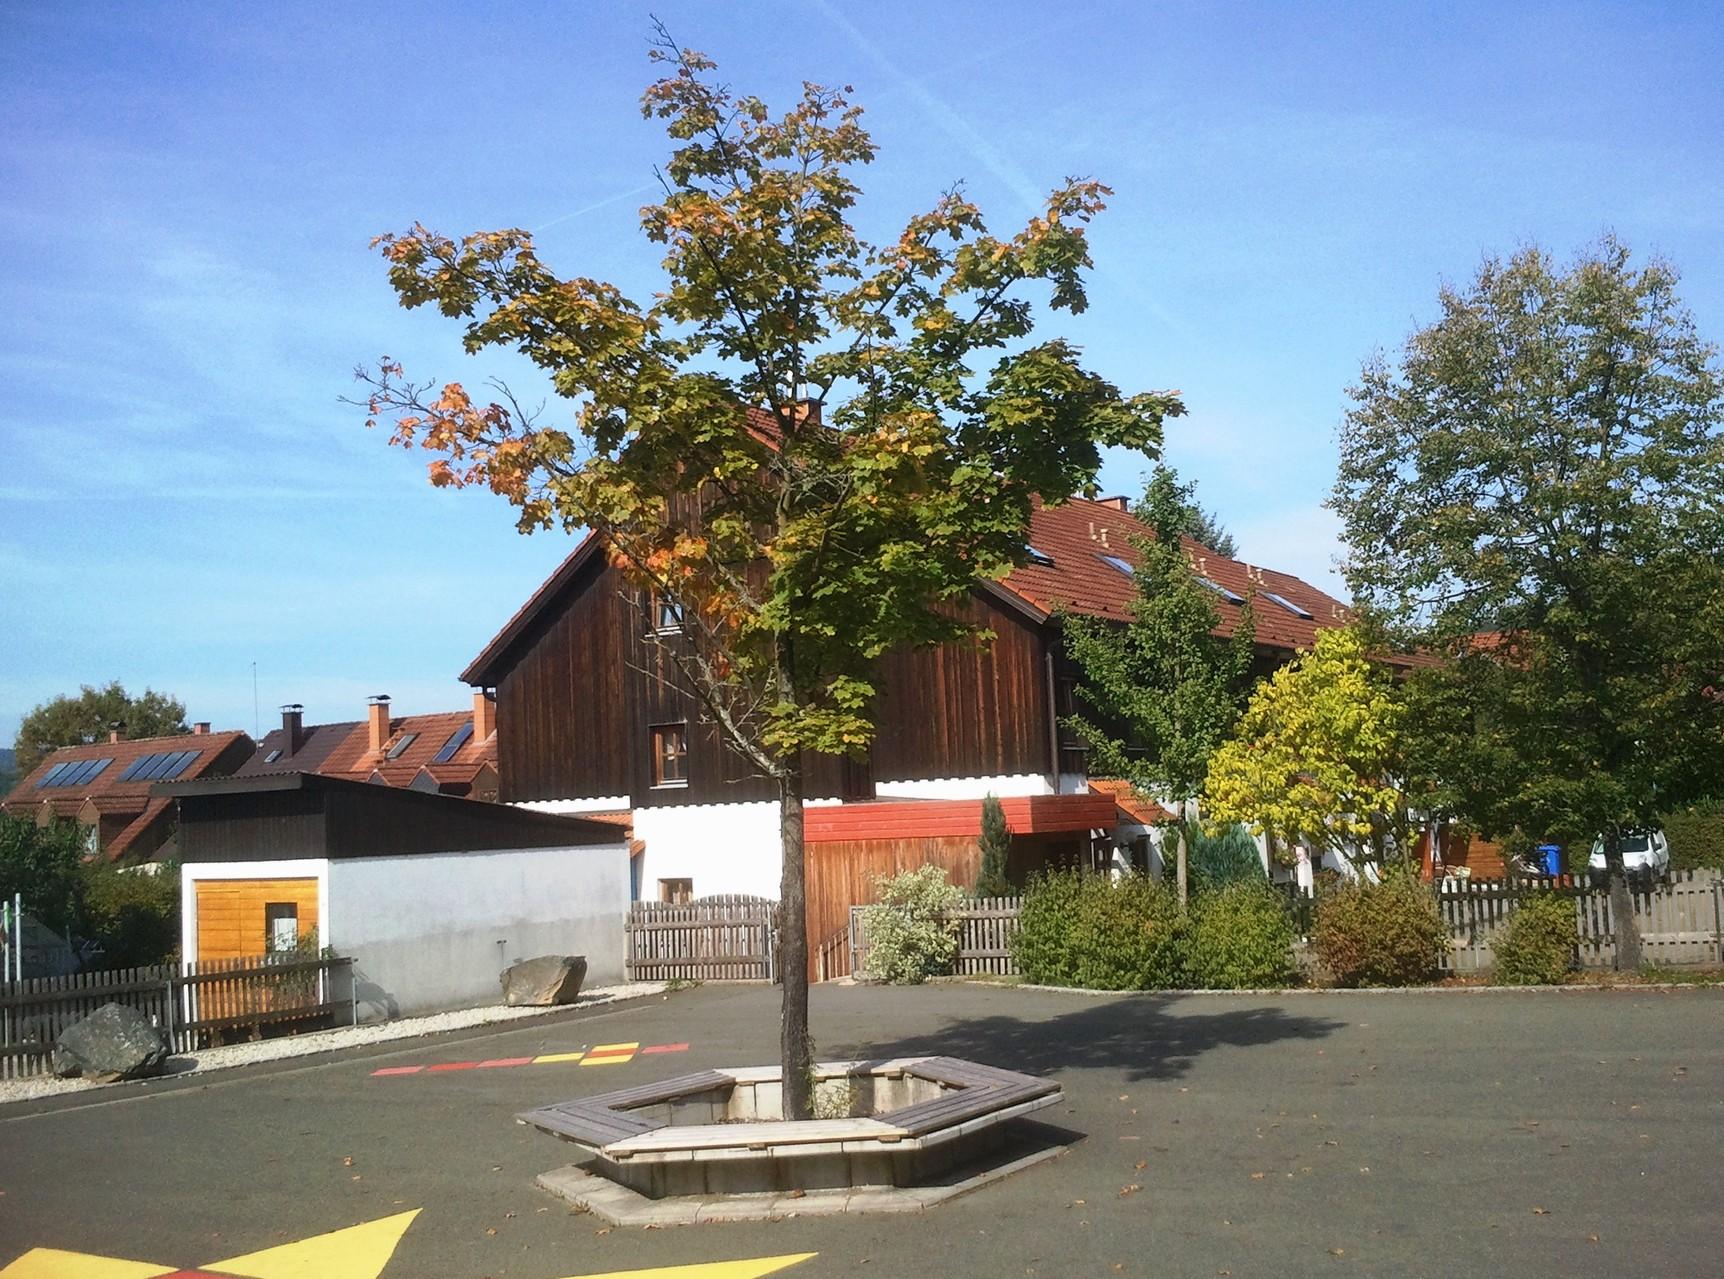 Grundschule Ziegelhütten: Der Pausenhof